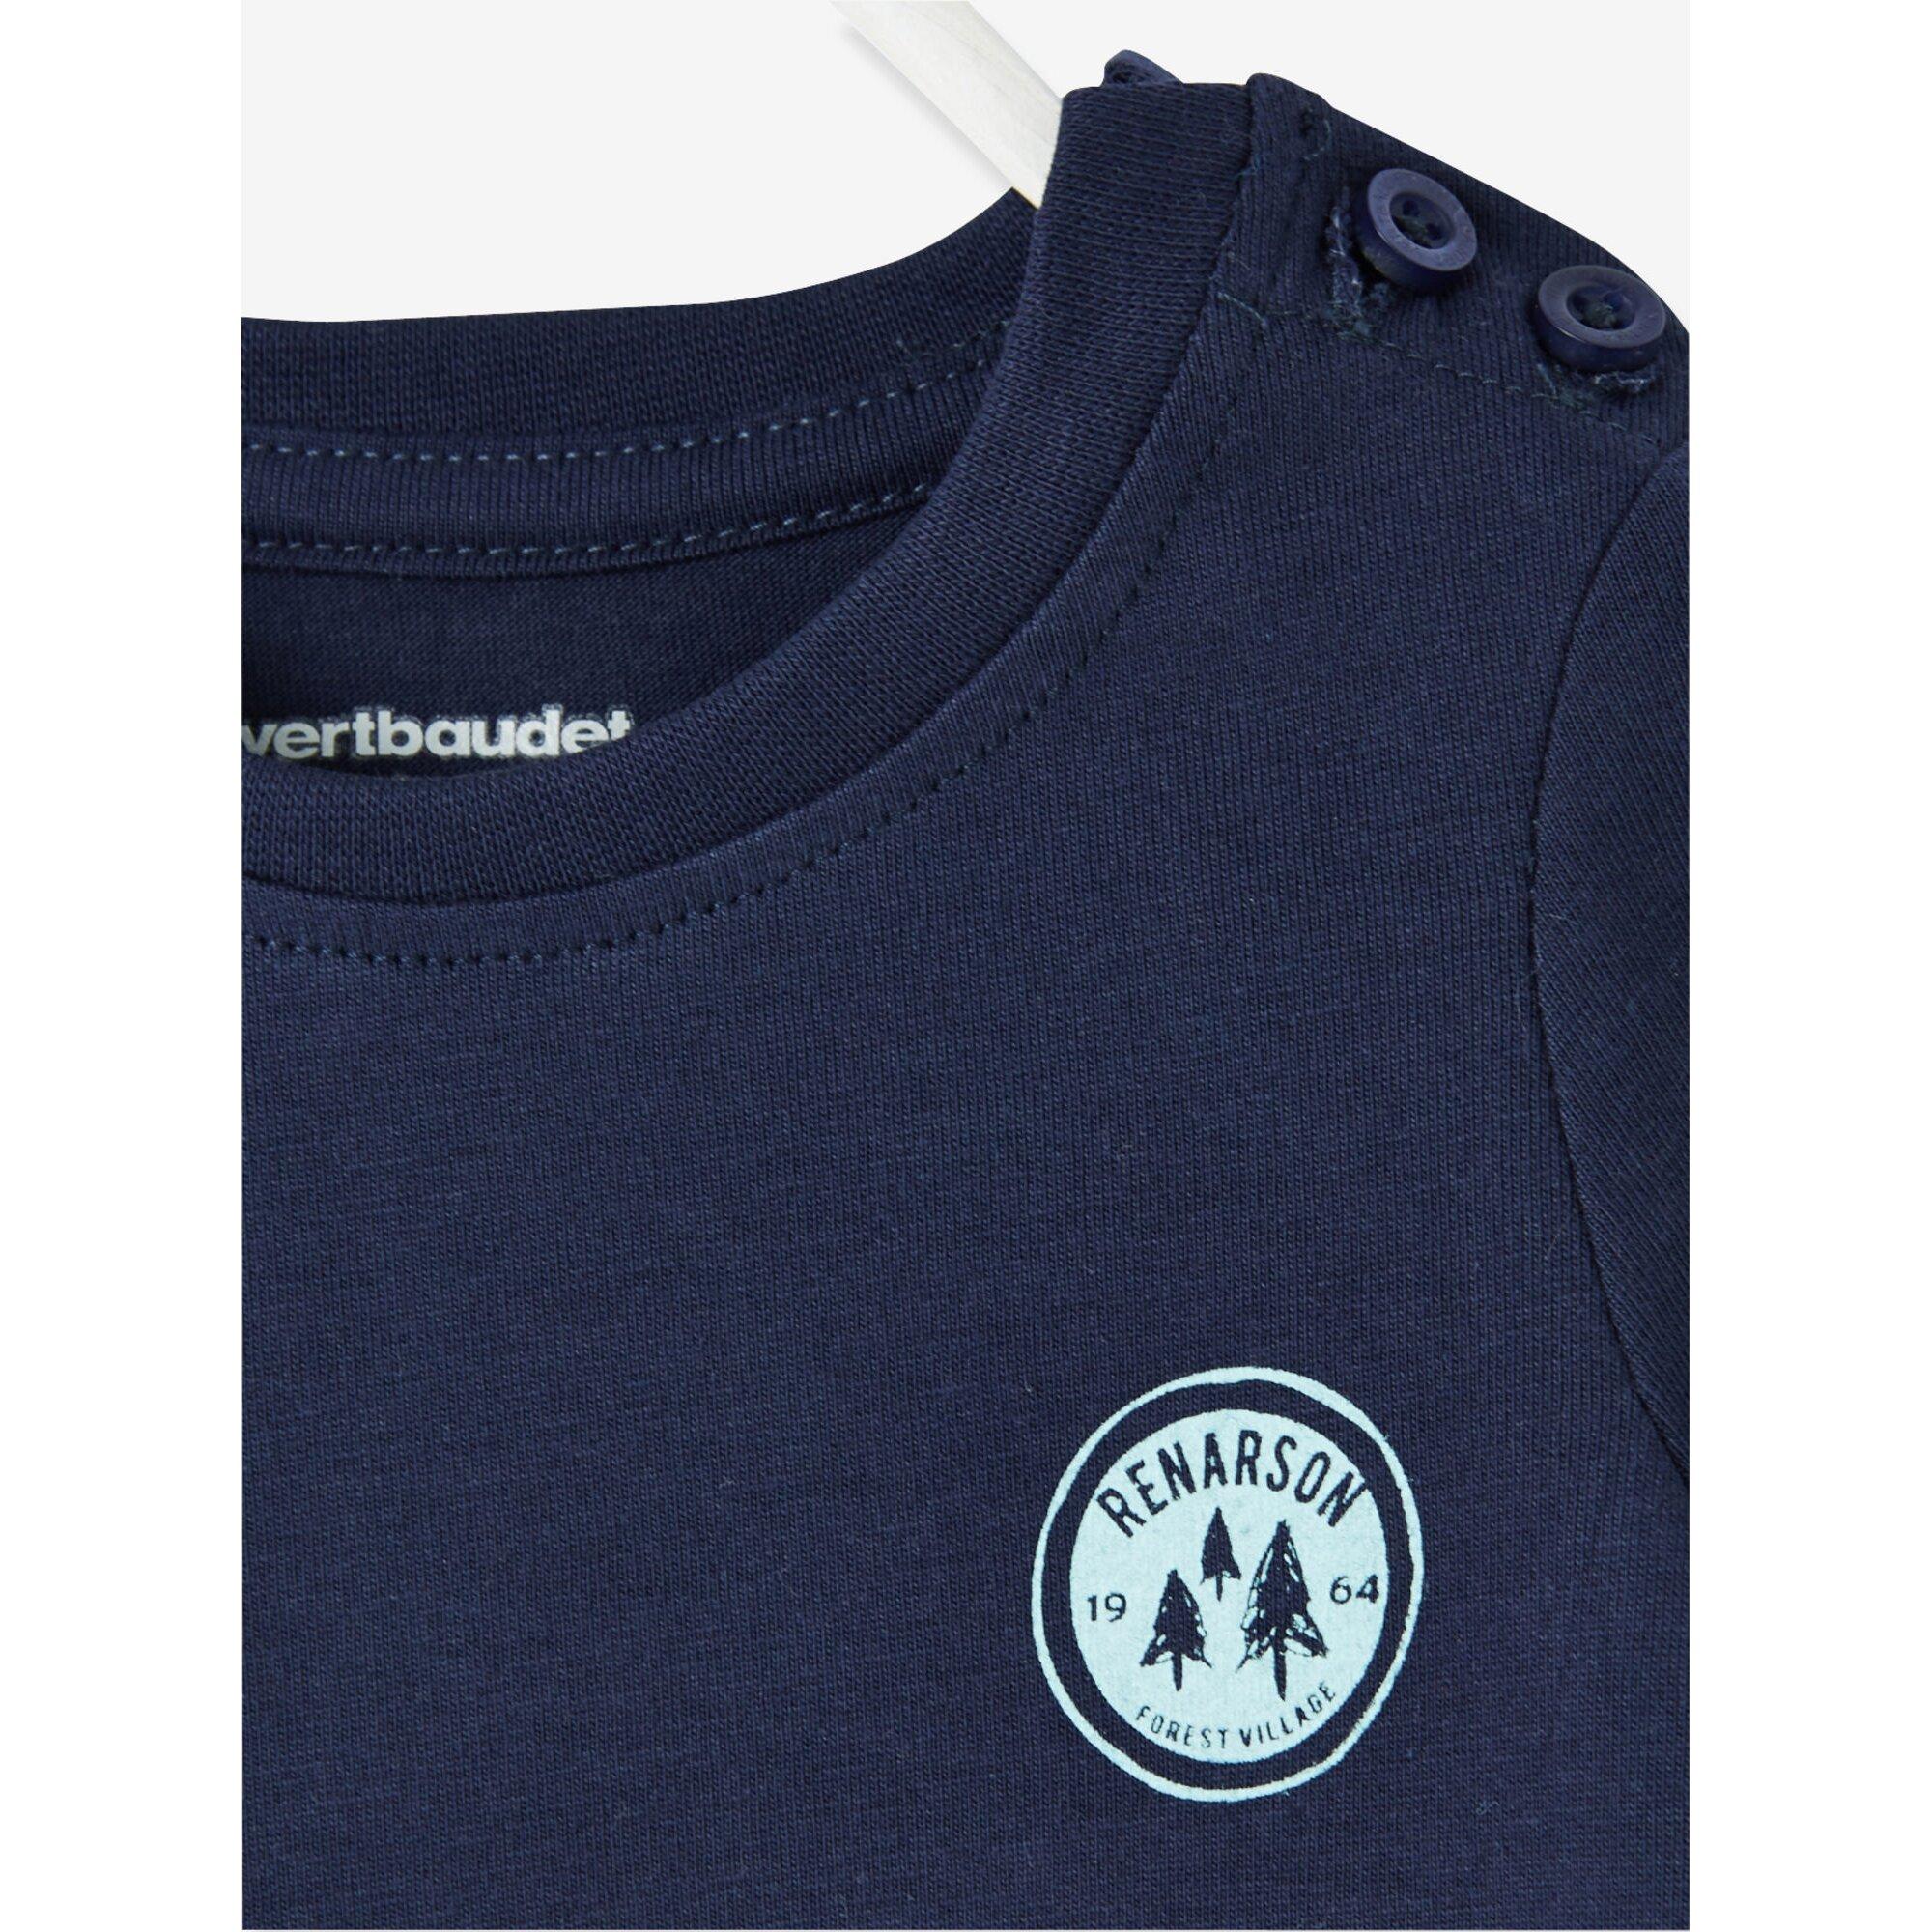 vertbaudet-baby-shirt-reine-baumwolle